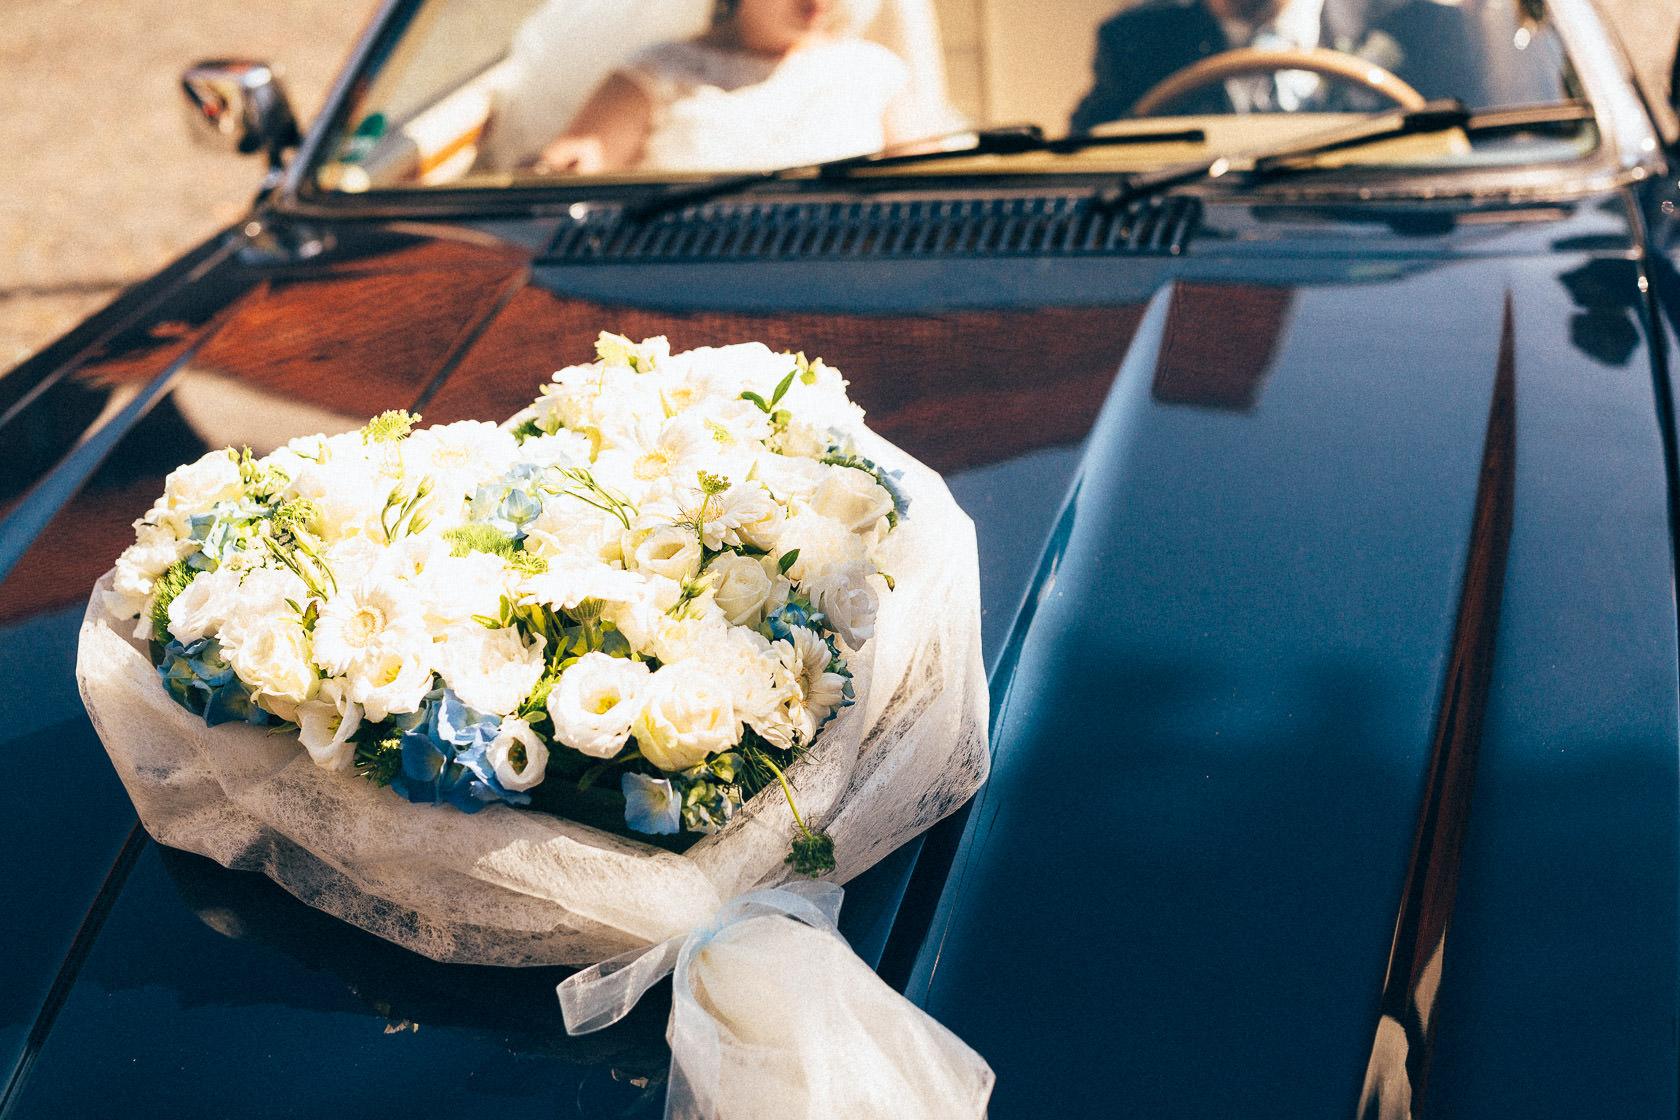 Blauweiße Hochzeit in Bad Kreuznach Blumenschmuck der Firma Rehner auf dem Auto